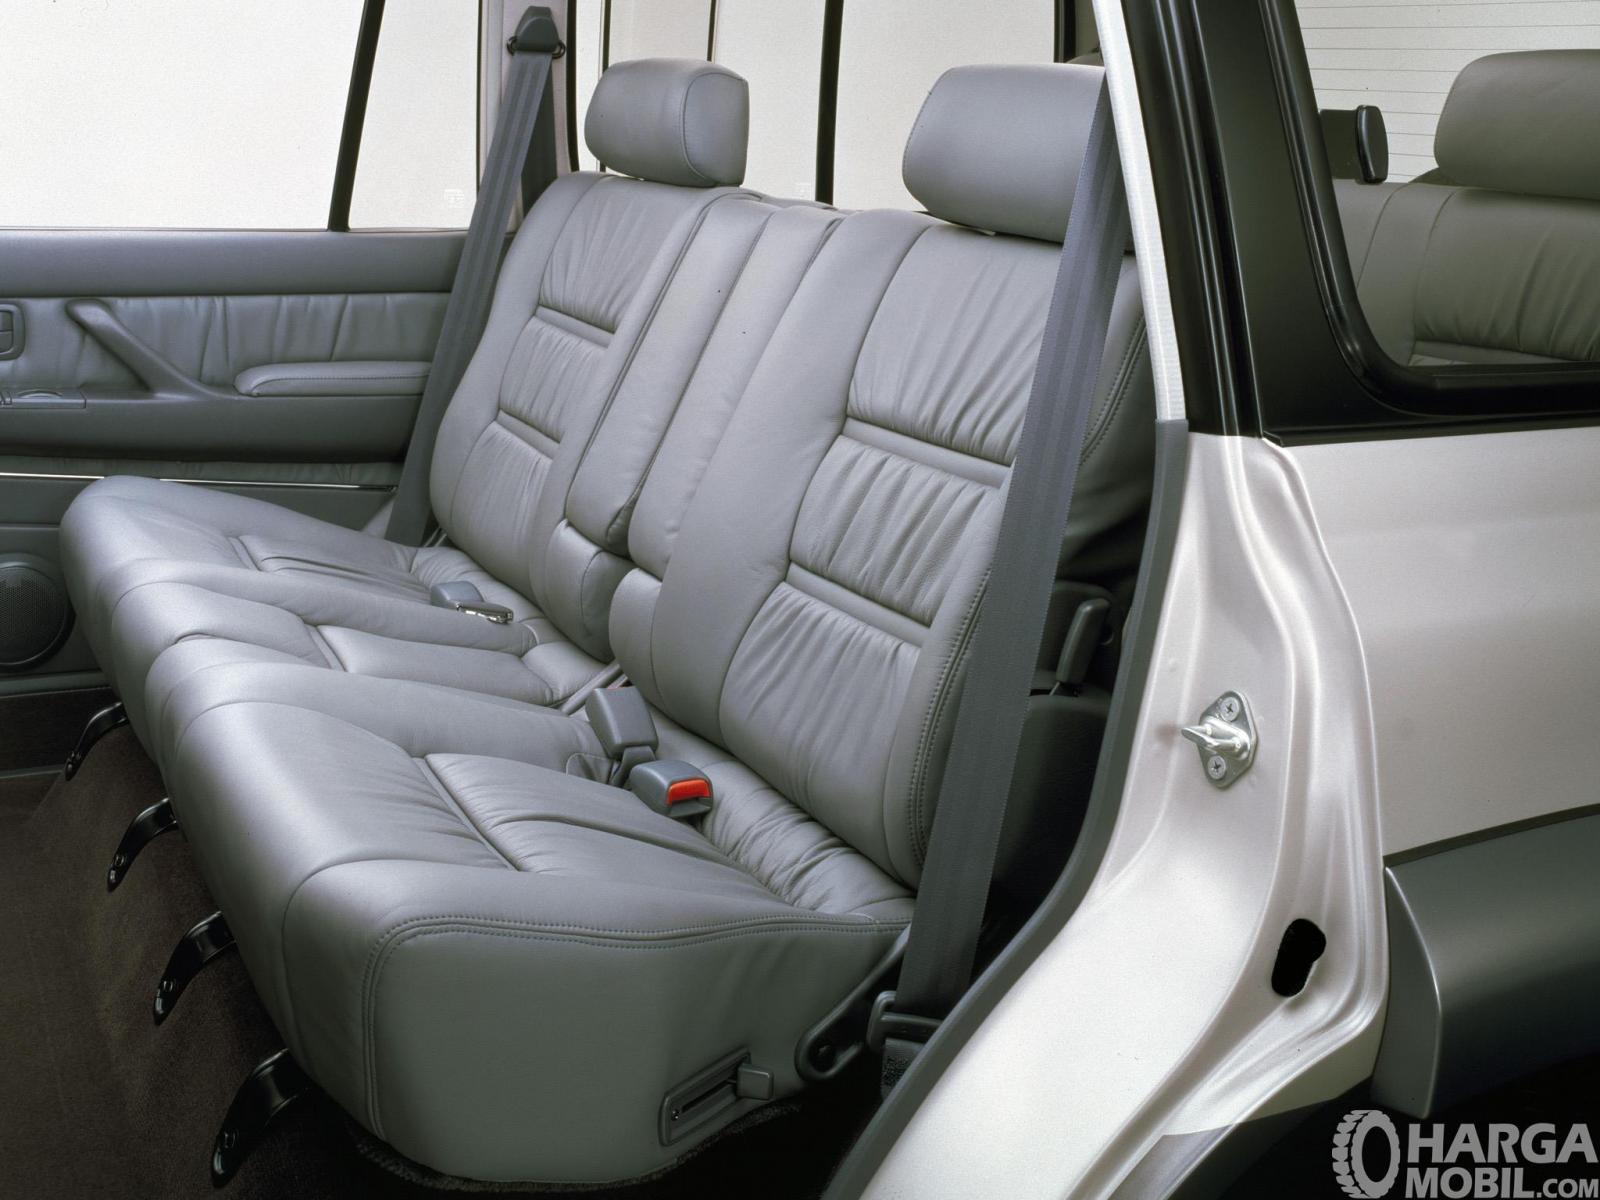 Foto menunjukkan jok Toyota Land Cruiser 80 Series 1995 sudah dilengkapi sabuk pengaman